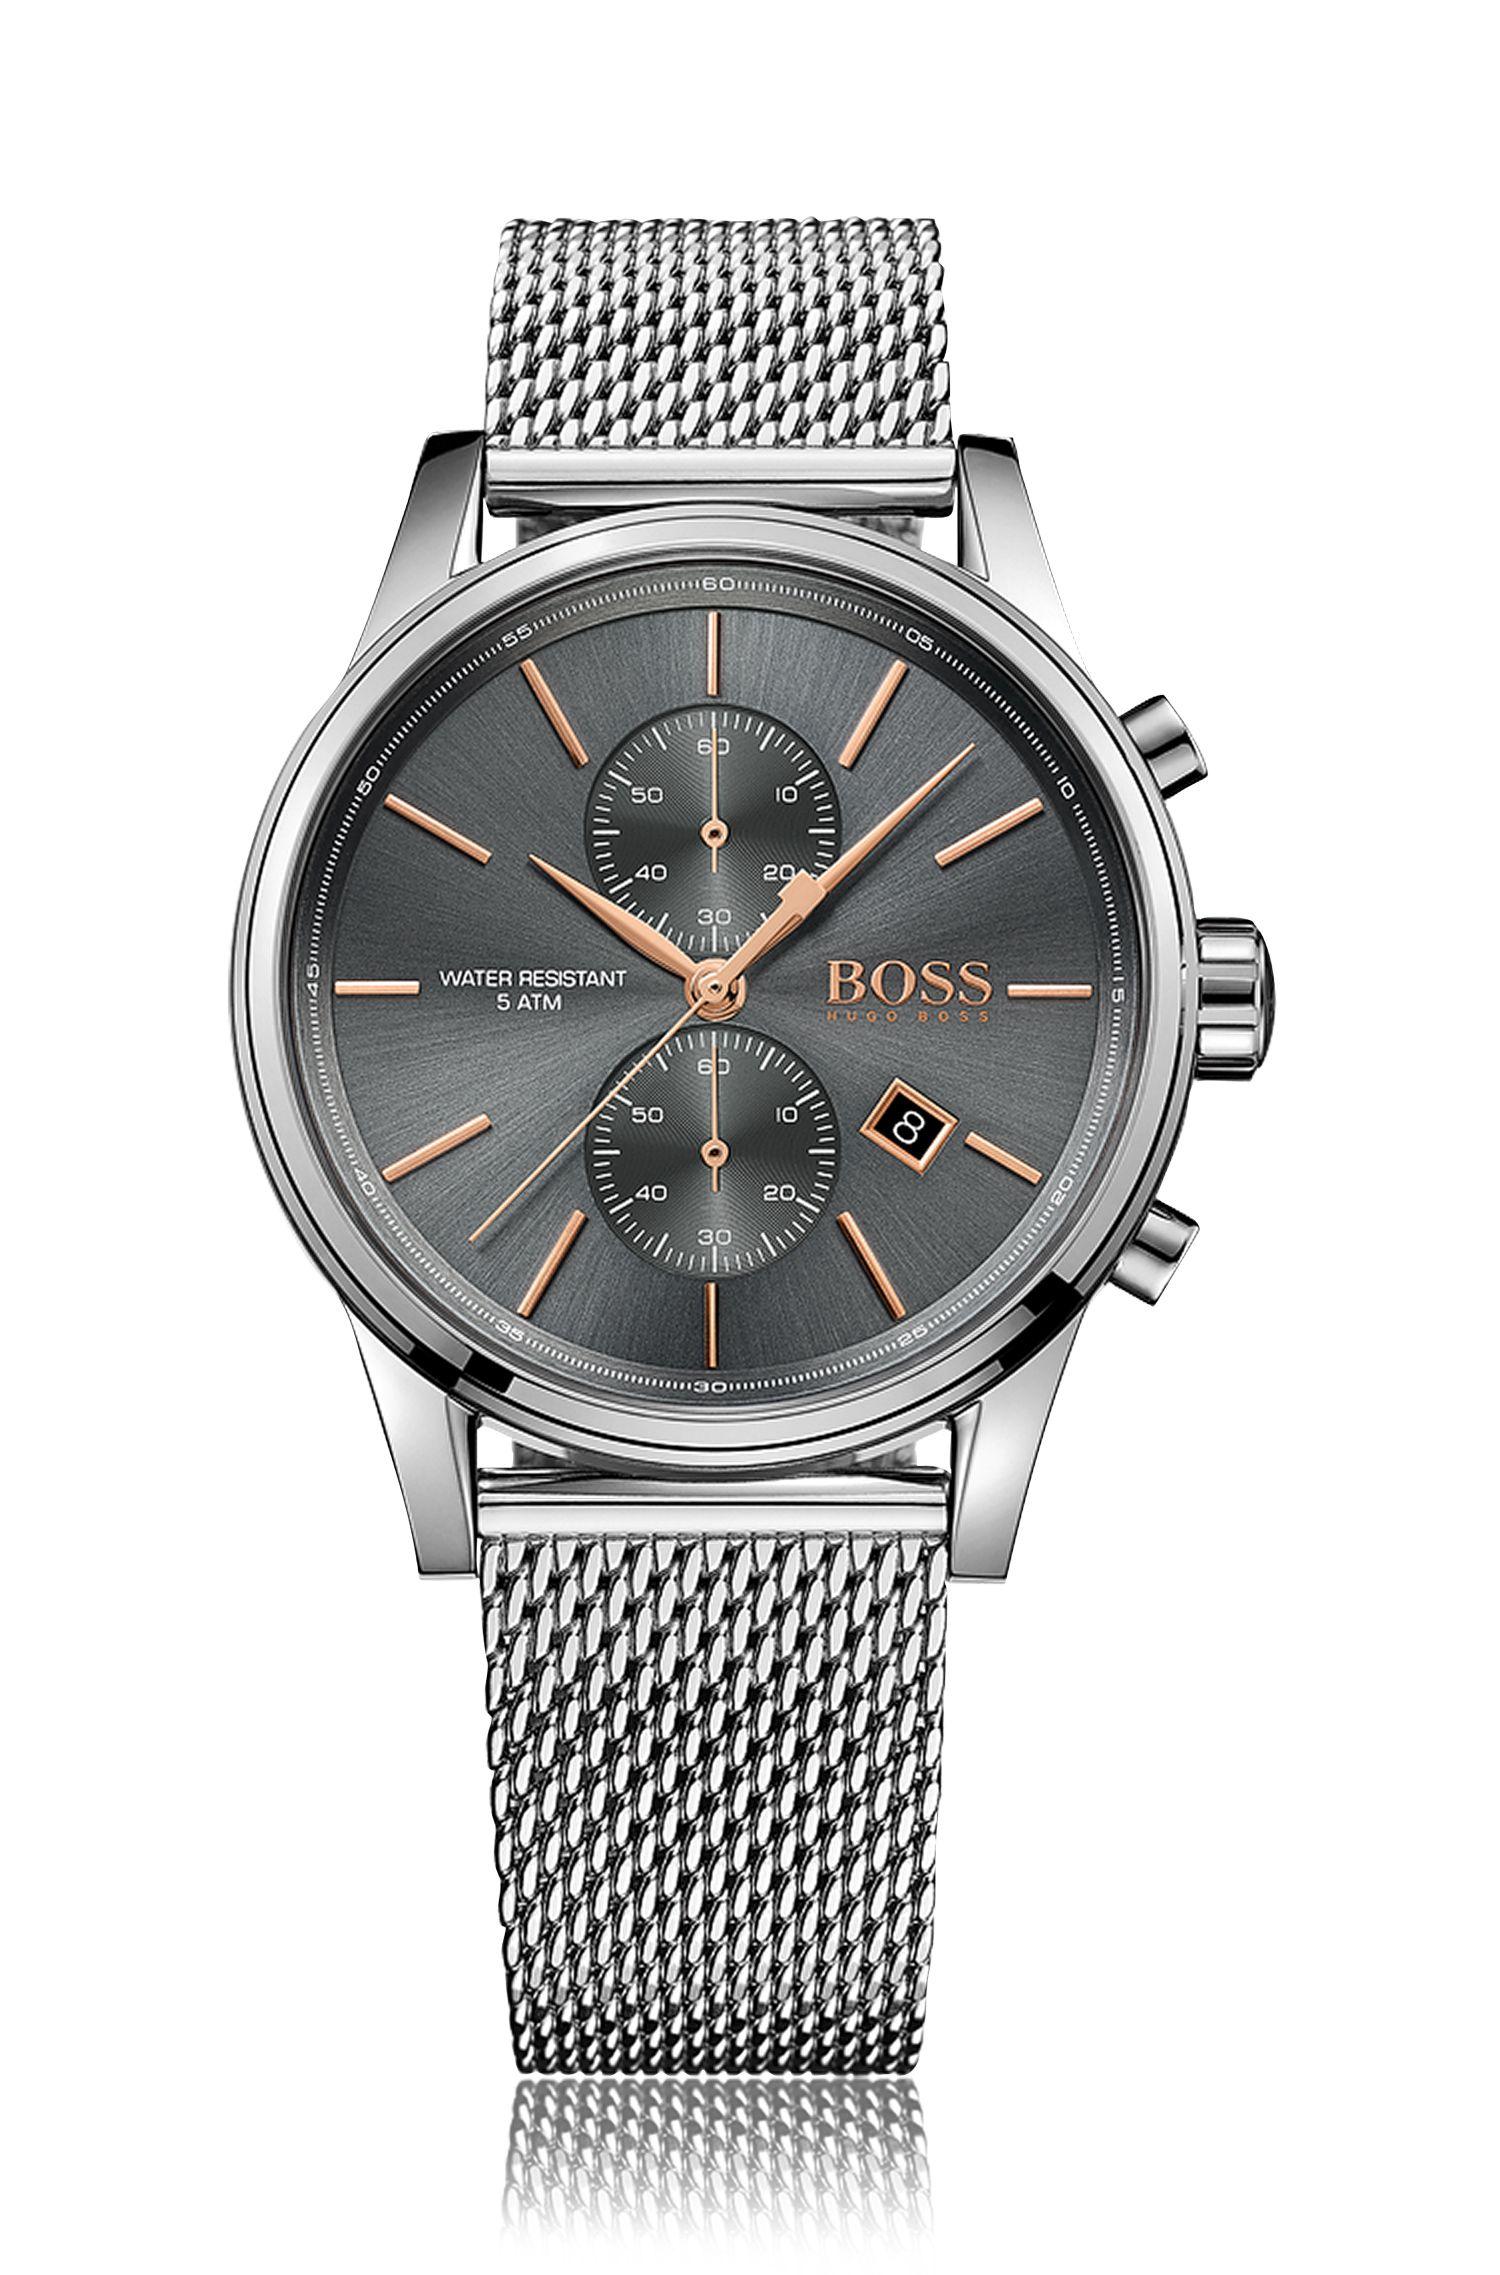 Montre chronographe en acier inoxydable poli à cadran gris et bracelet en maille